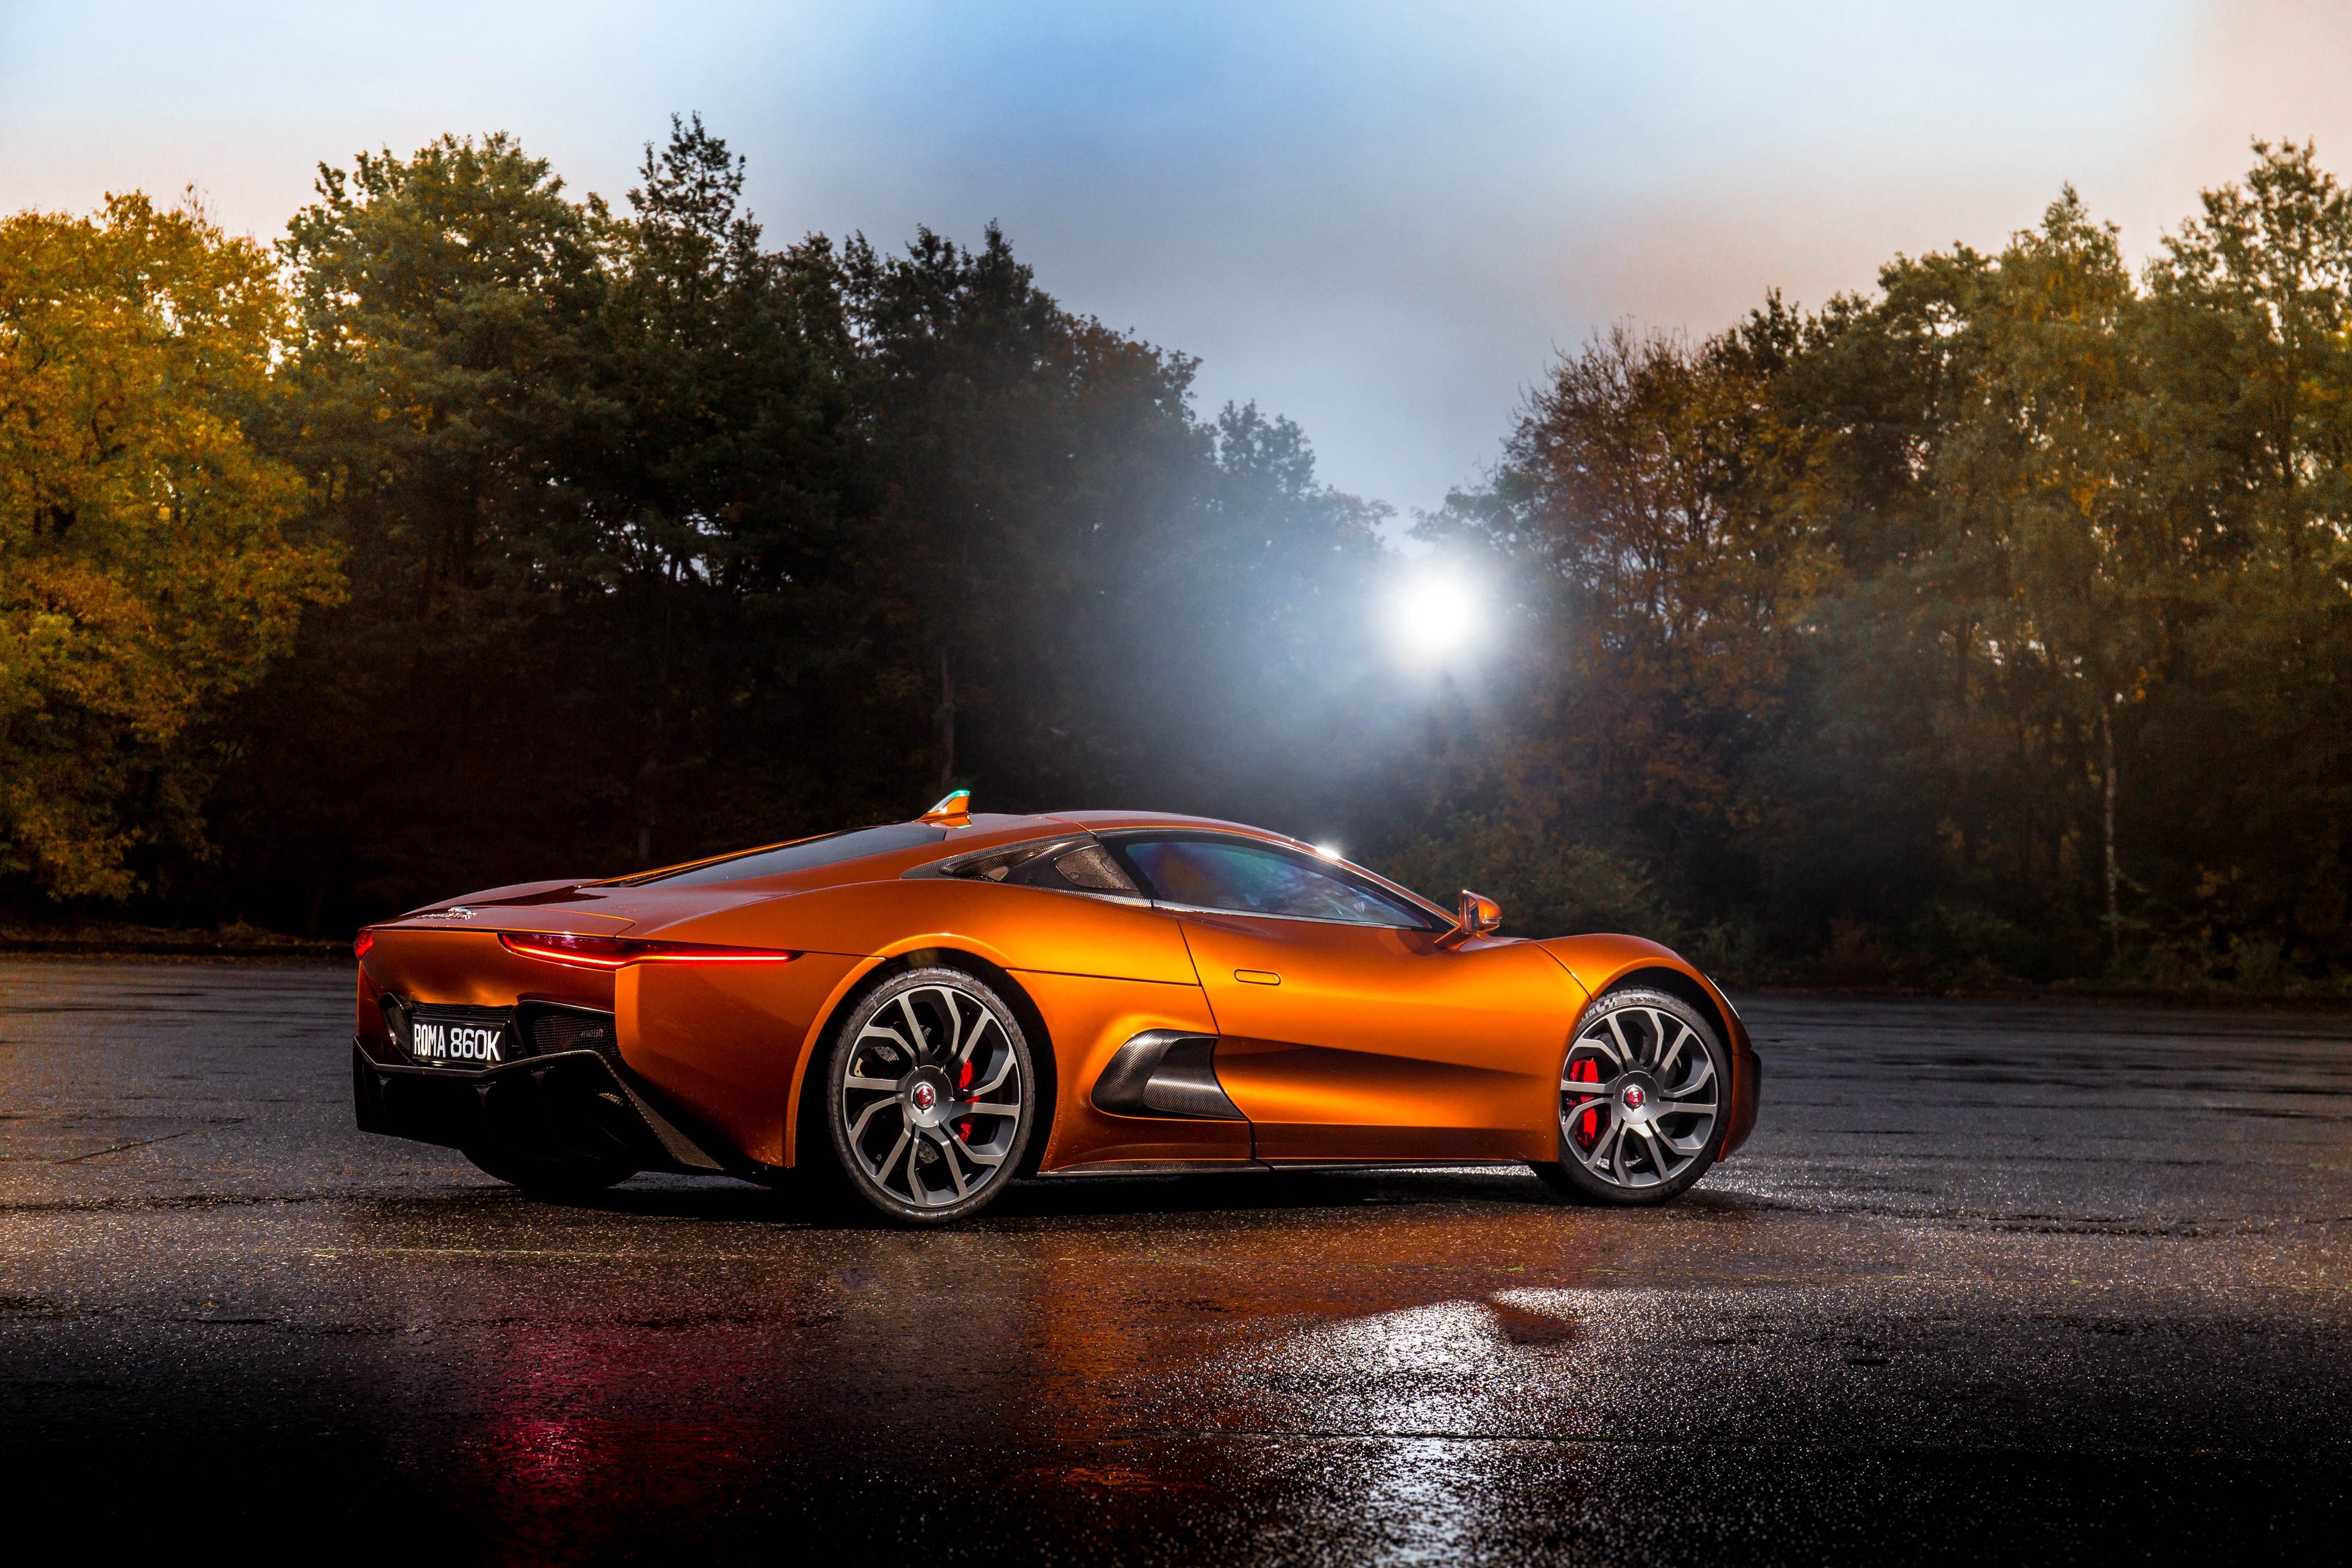 Wallpaper Jaguar C-X75, 007 Spectre, james bond, orange ...